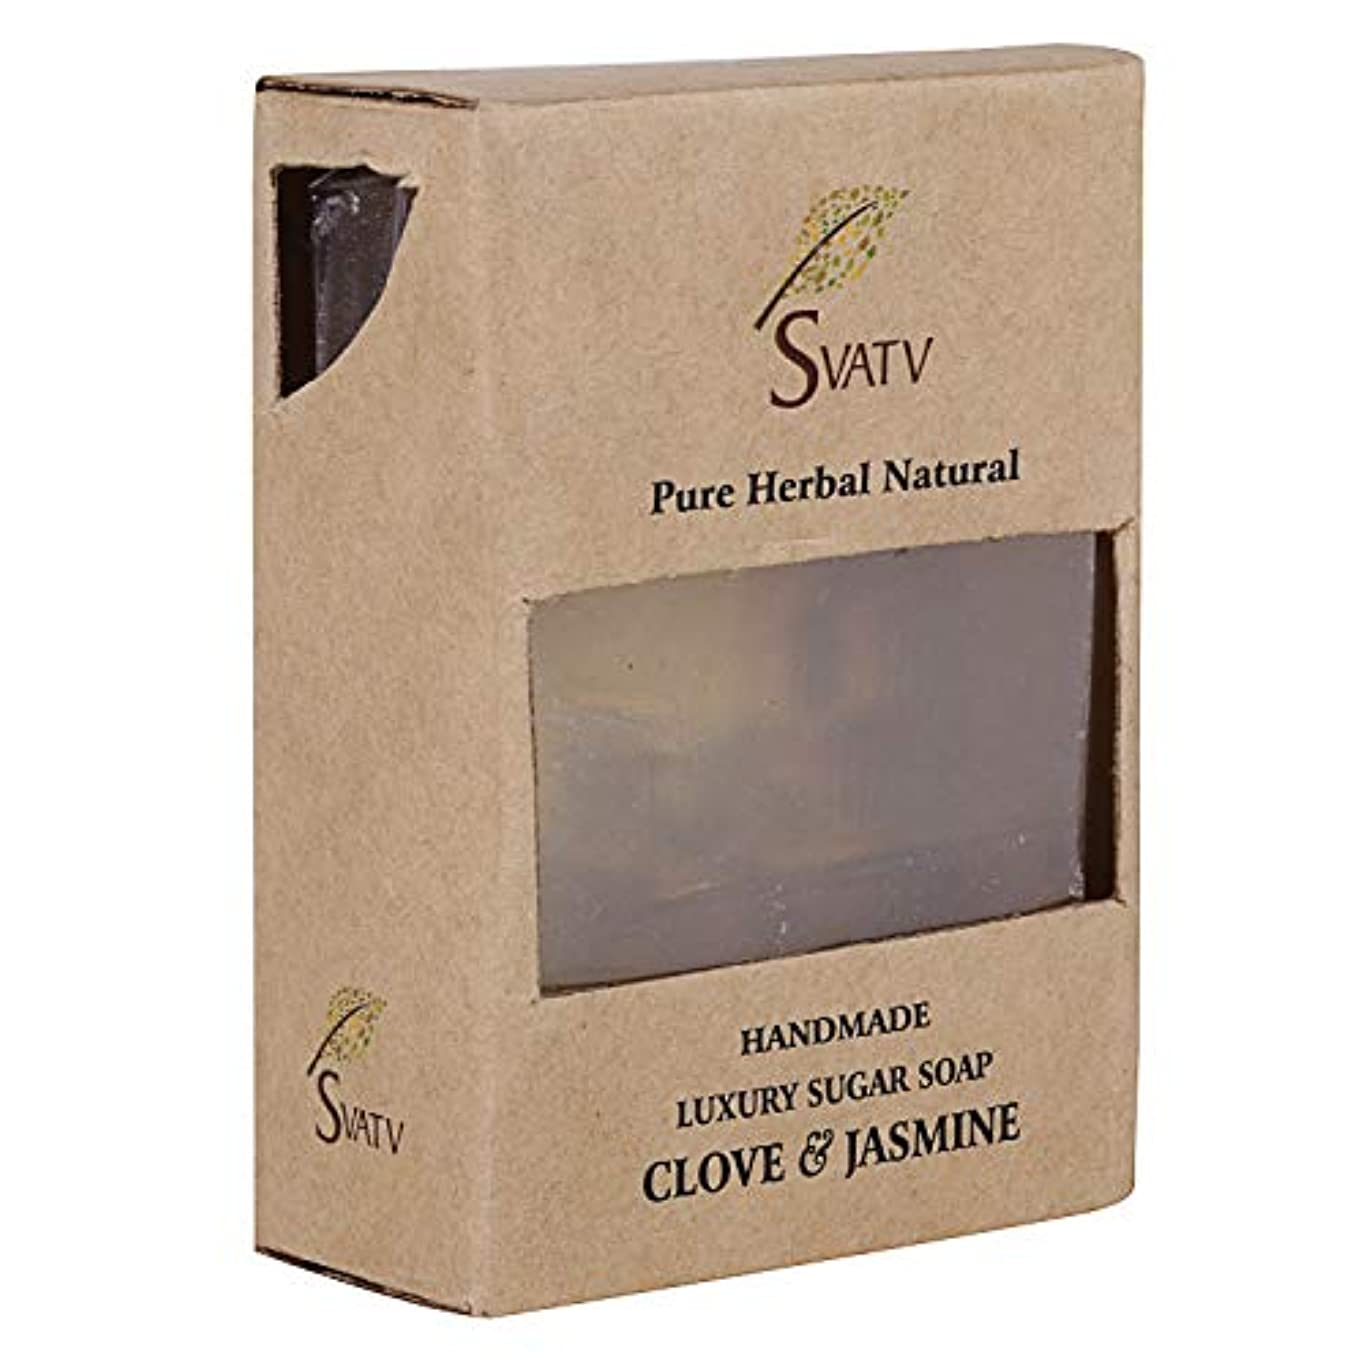 パイまさに立場SVATV Handmade Luxury Sugar Natural Soap ll Clove & Jasmine ll For All Skin types 100g Bar ll Kosher Certified